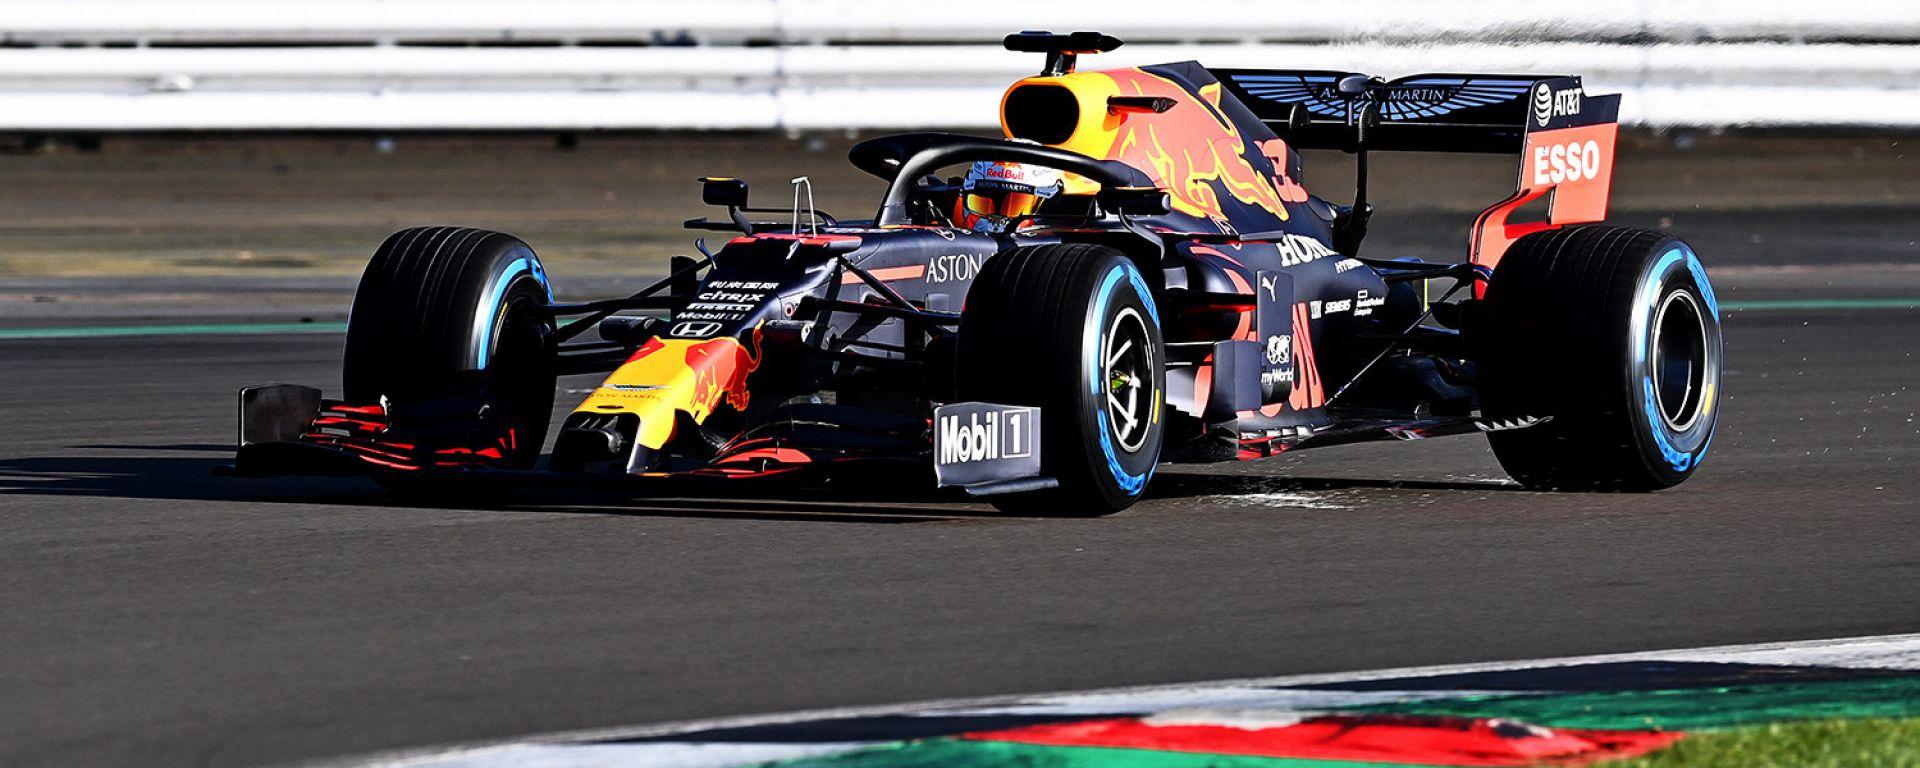 F1 2020: Max Verstappen impegnato nello shakedown della Red Bull RB16